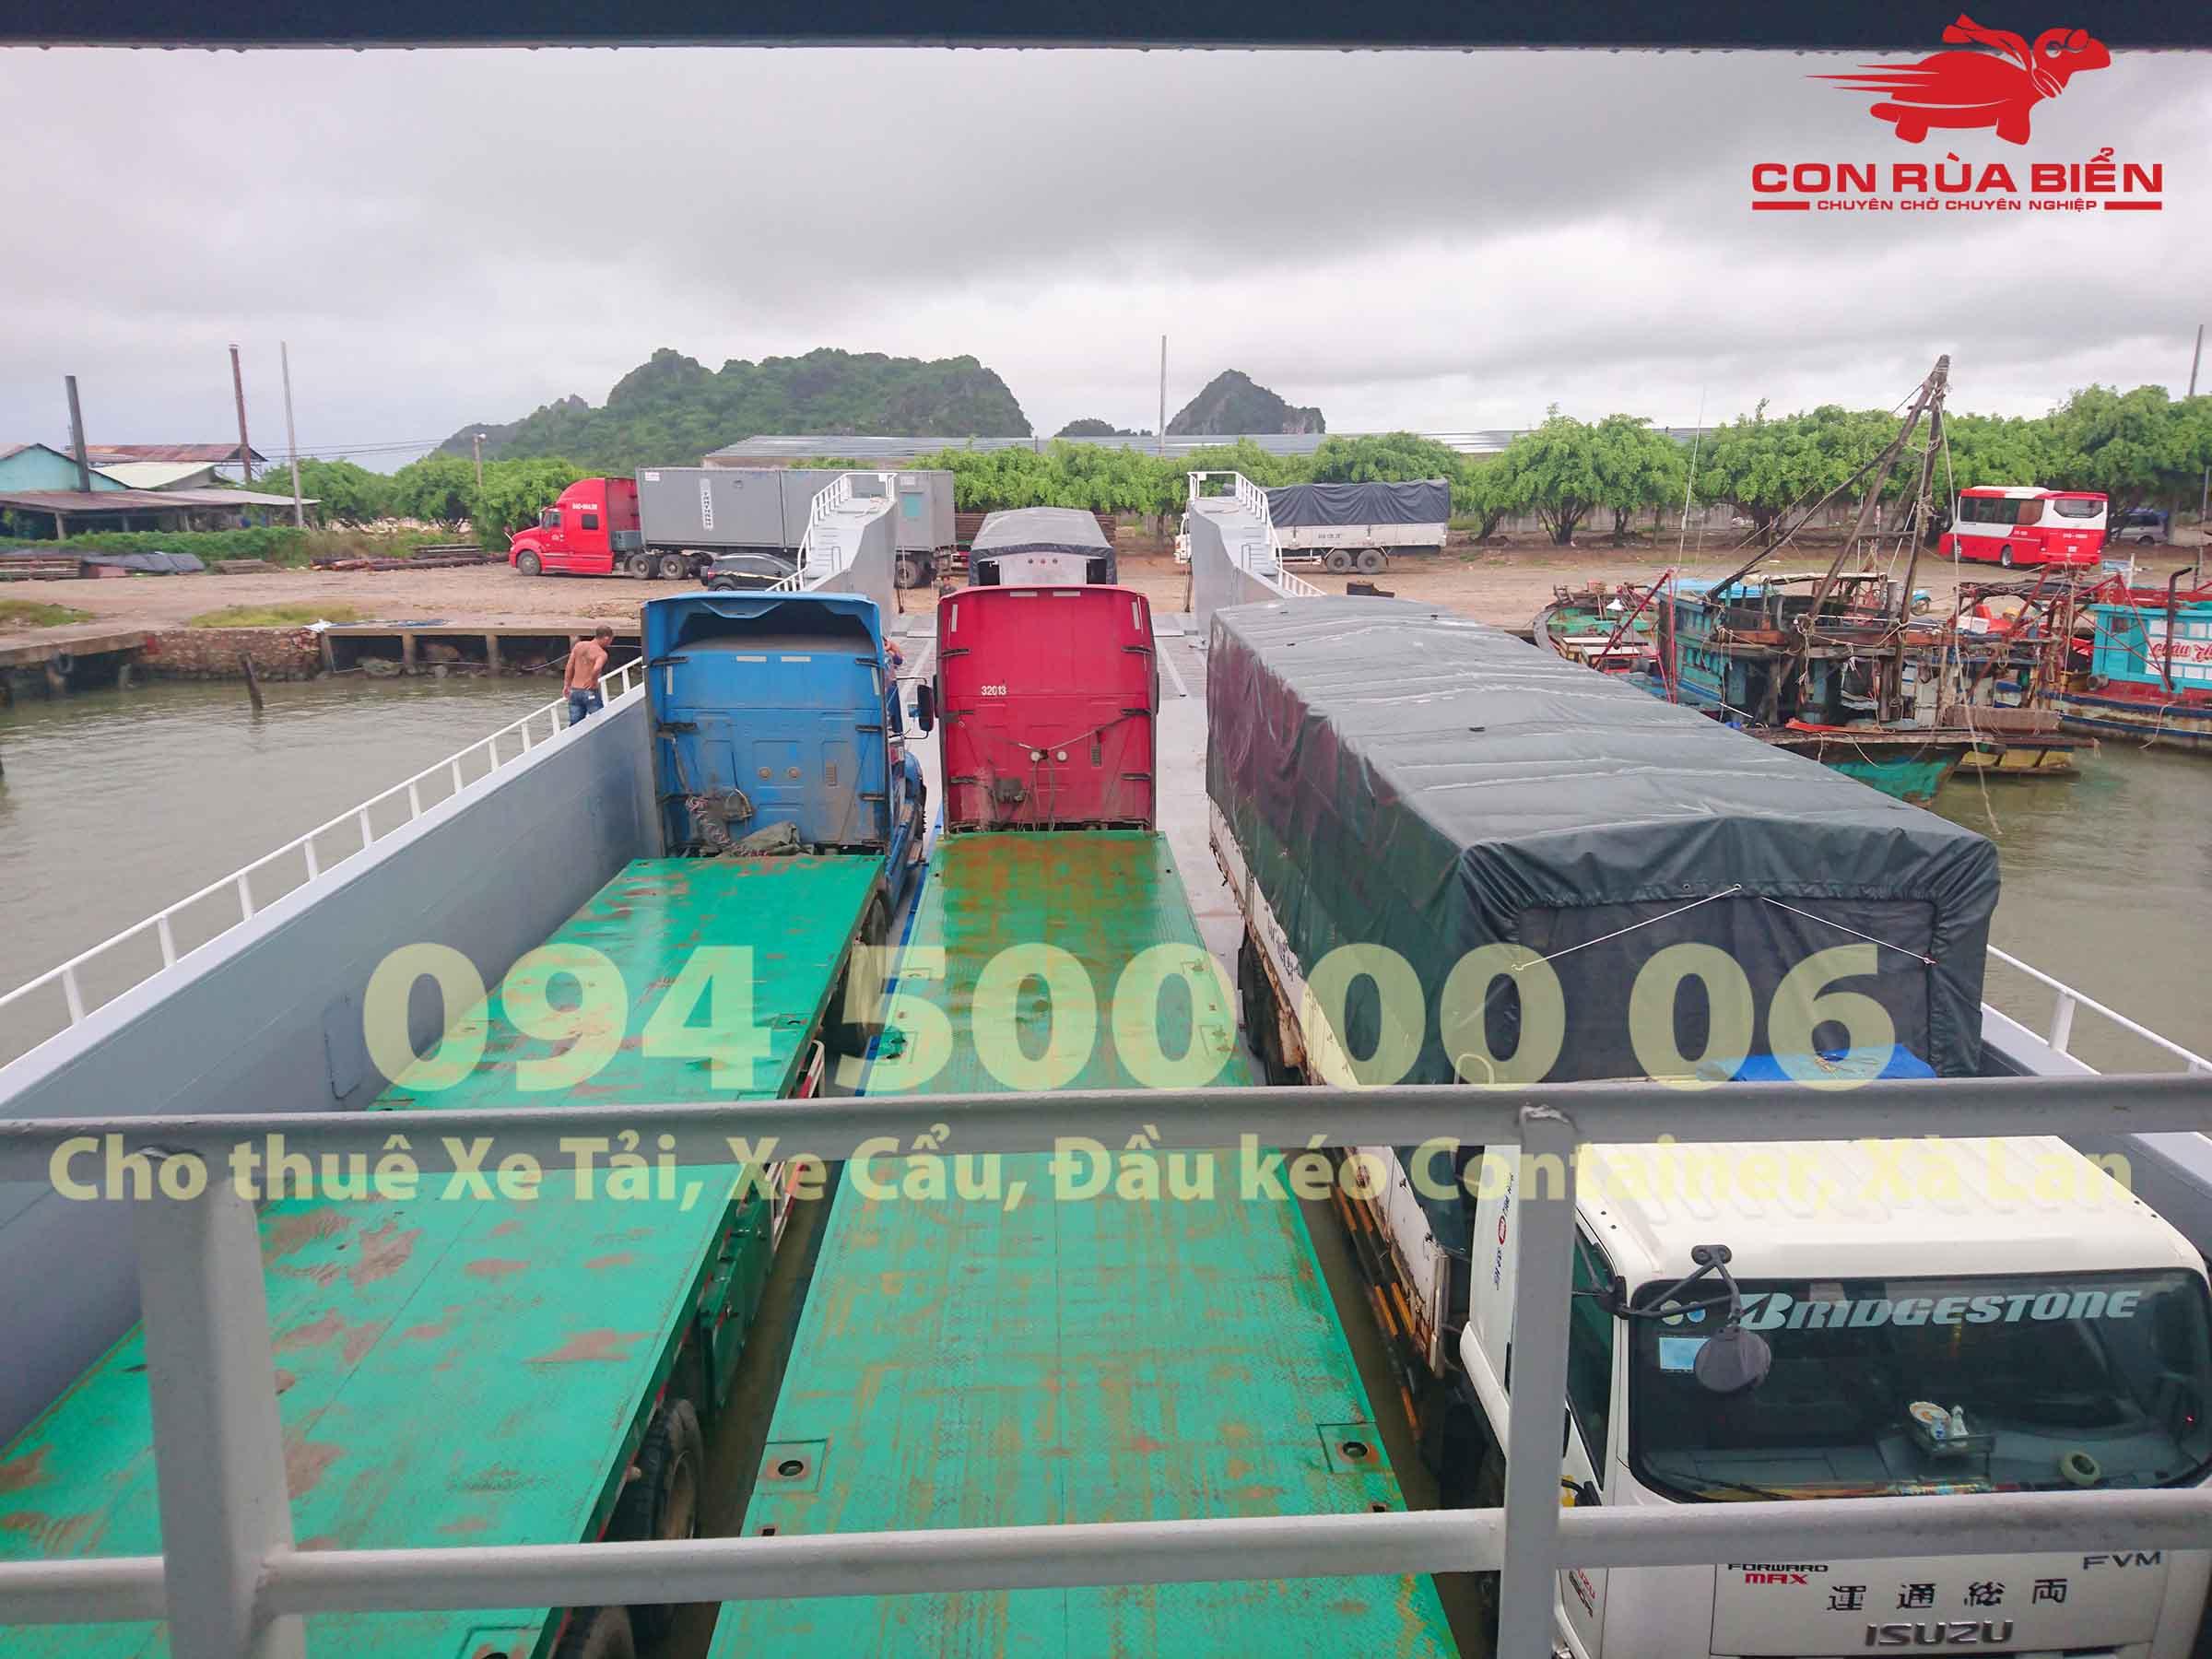 Cho thue xa lan cho xe dau keo container di Phu Quoc 11